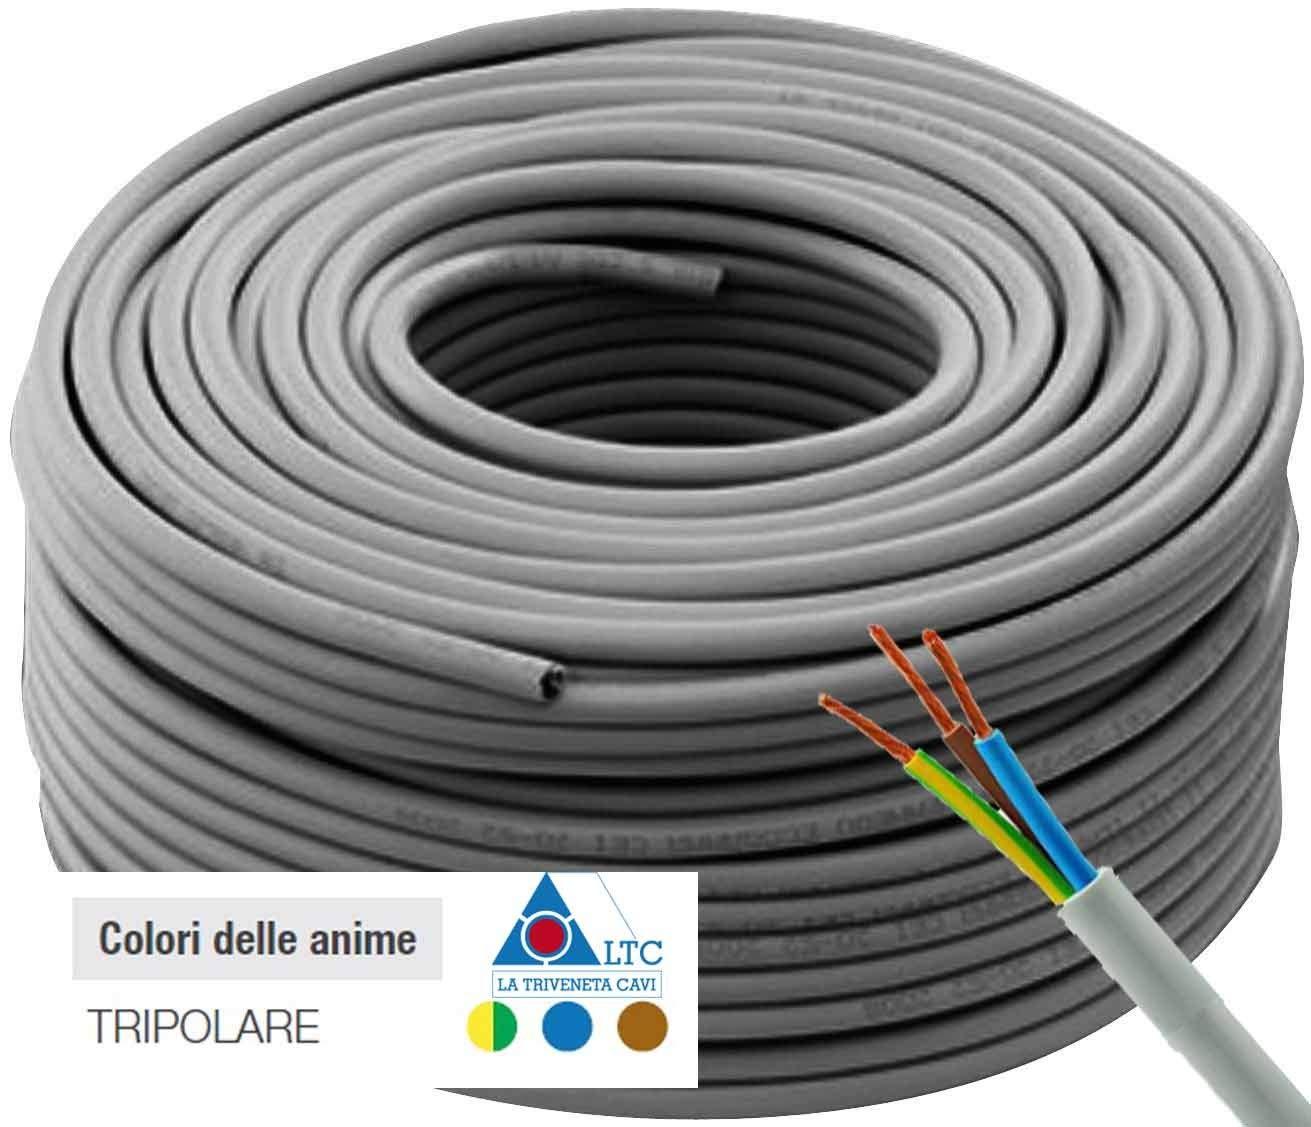 triveneta Cable El/éctrico tripolar Alambre de Cobre 3/x 2,5/mm LTC fror para Instalaci/ón casa 100/Metros